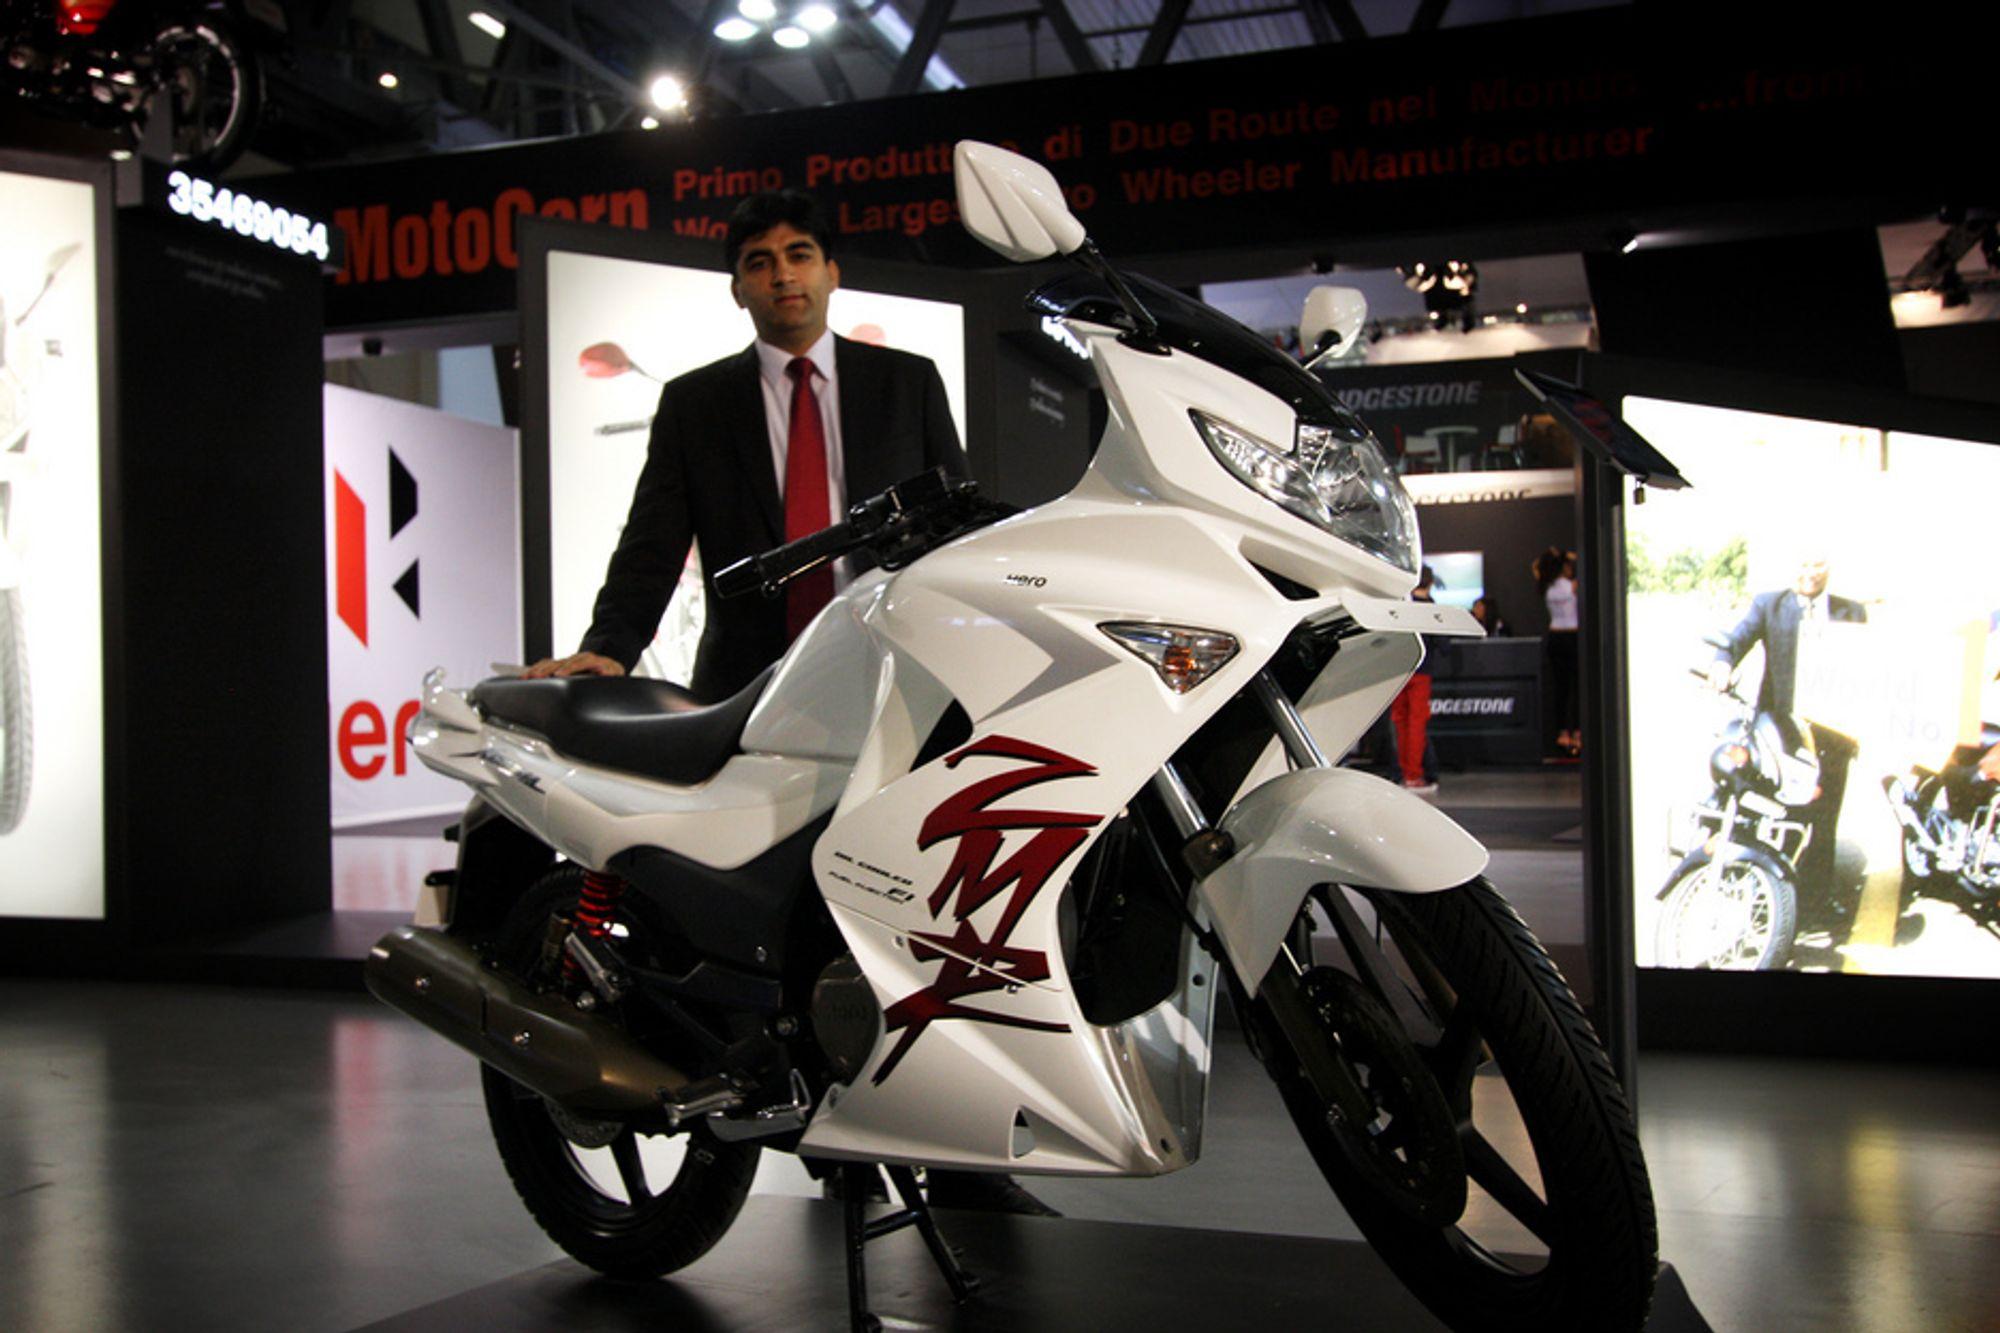 VIL LÆRE: Markedsdirektør Anuj Dua i verdens største mc-produsent tar sikte på å erobre det europeiske markedet.